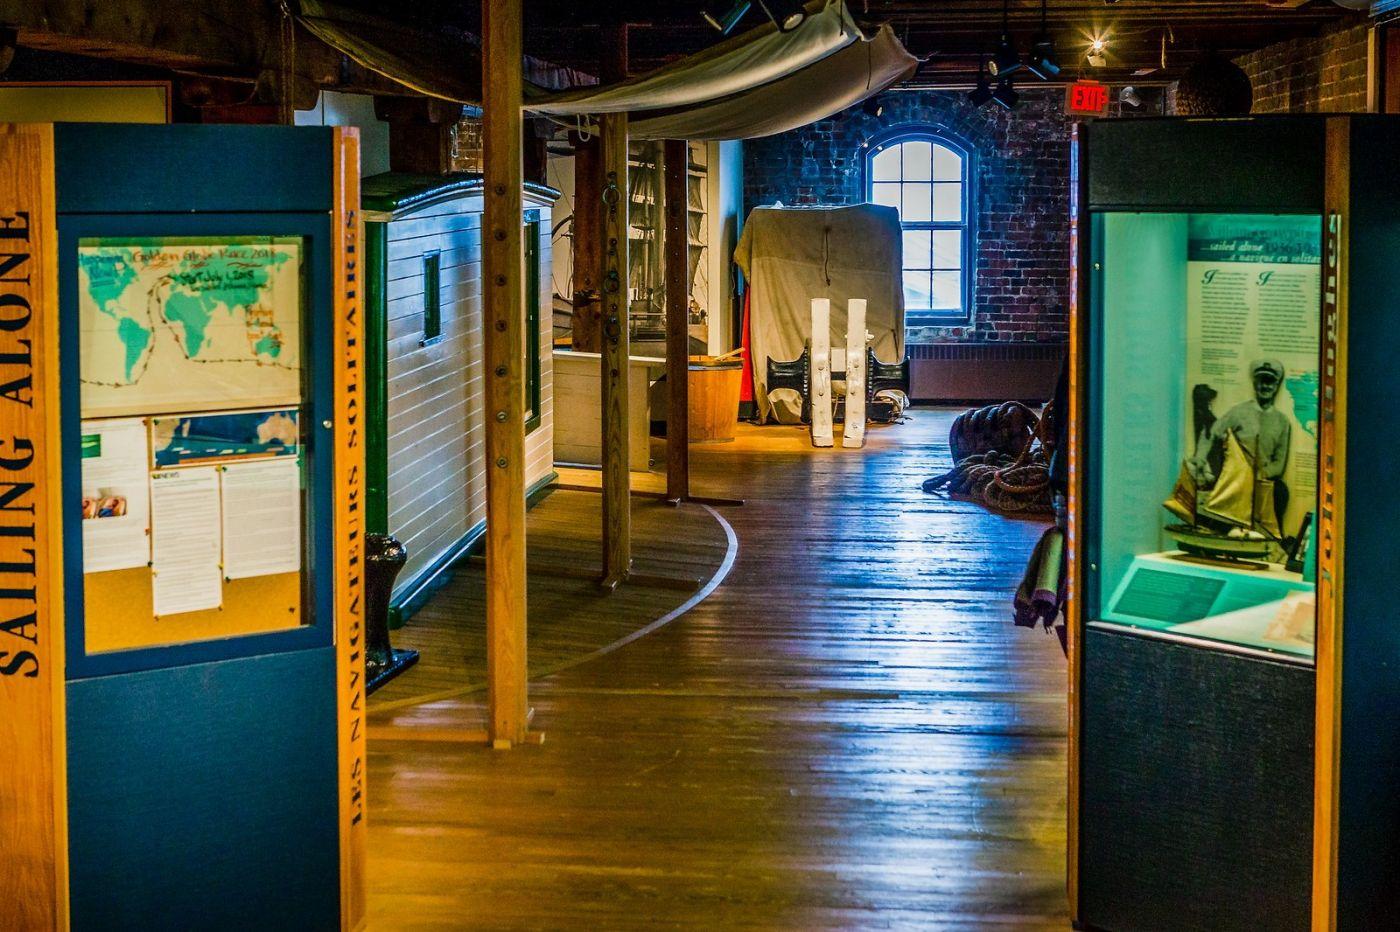 加拿大哈利法克斯(Halifax)大西洋海事博物馆_图1-11